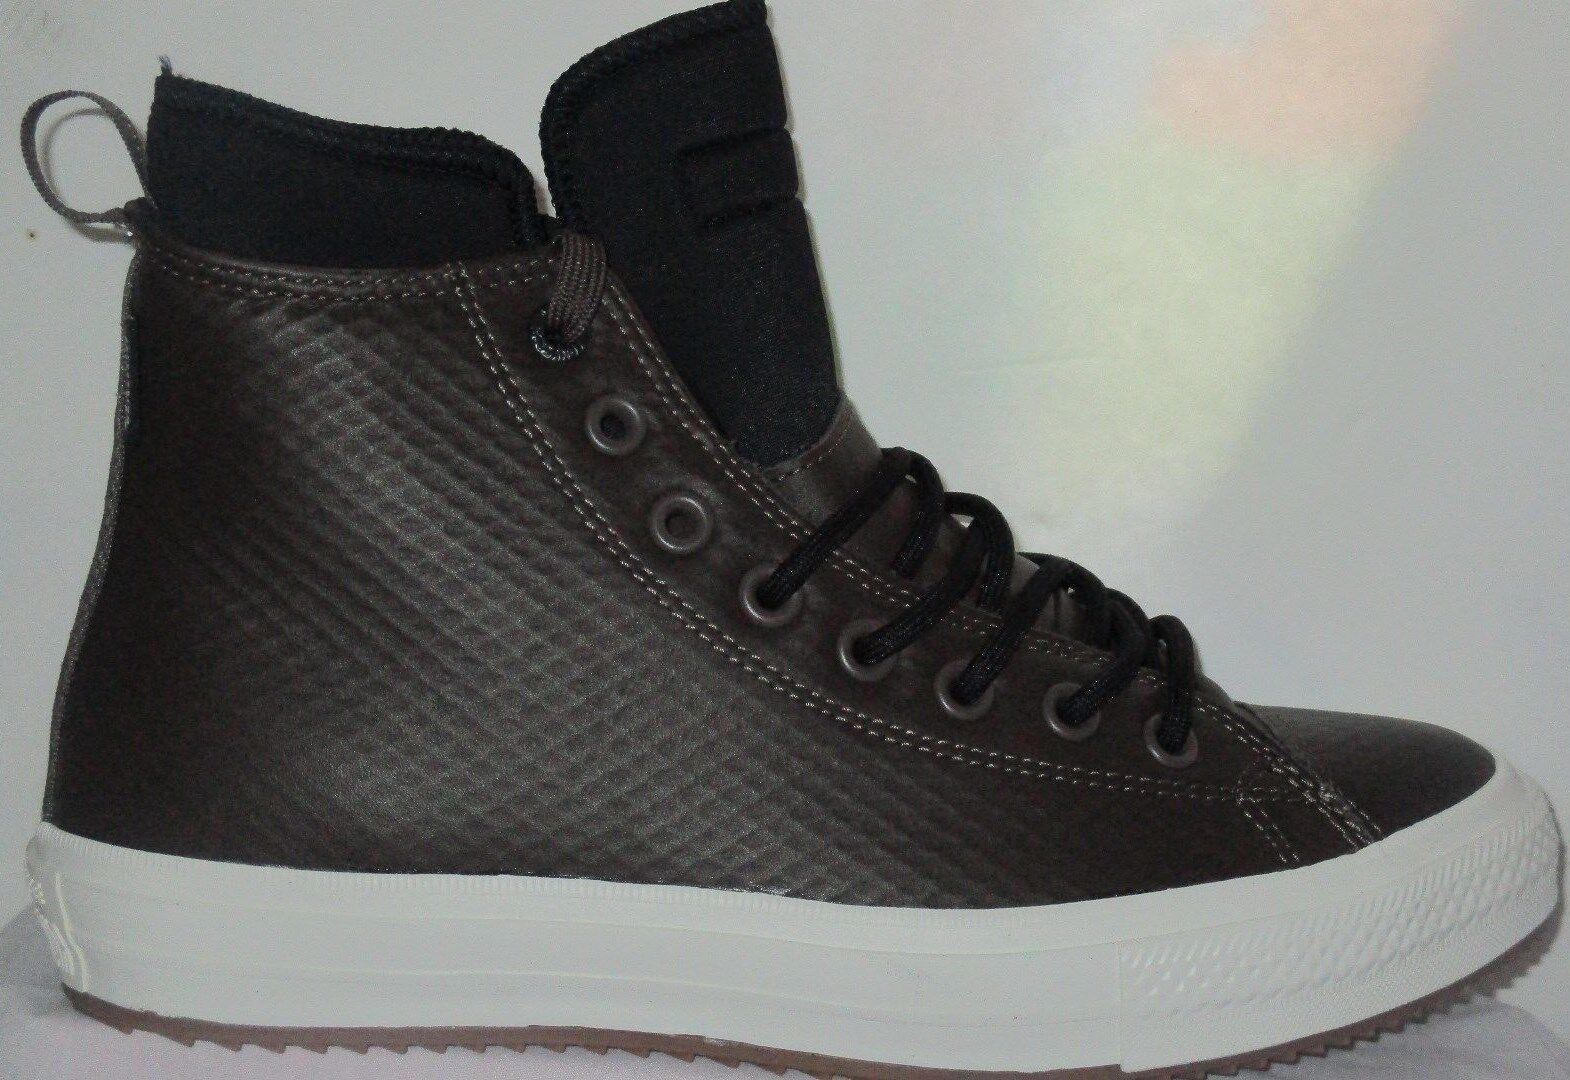 f59eec62e437 Converse Chuck Taylor All Star 2 II Hi Boot Chocolate 153573c Mens ...